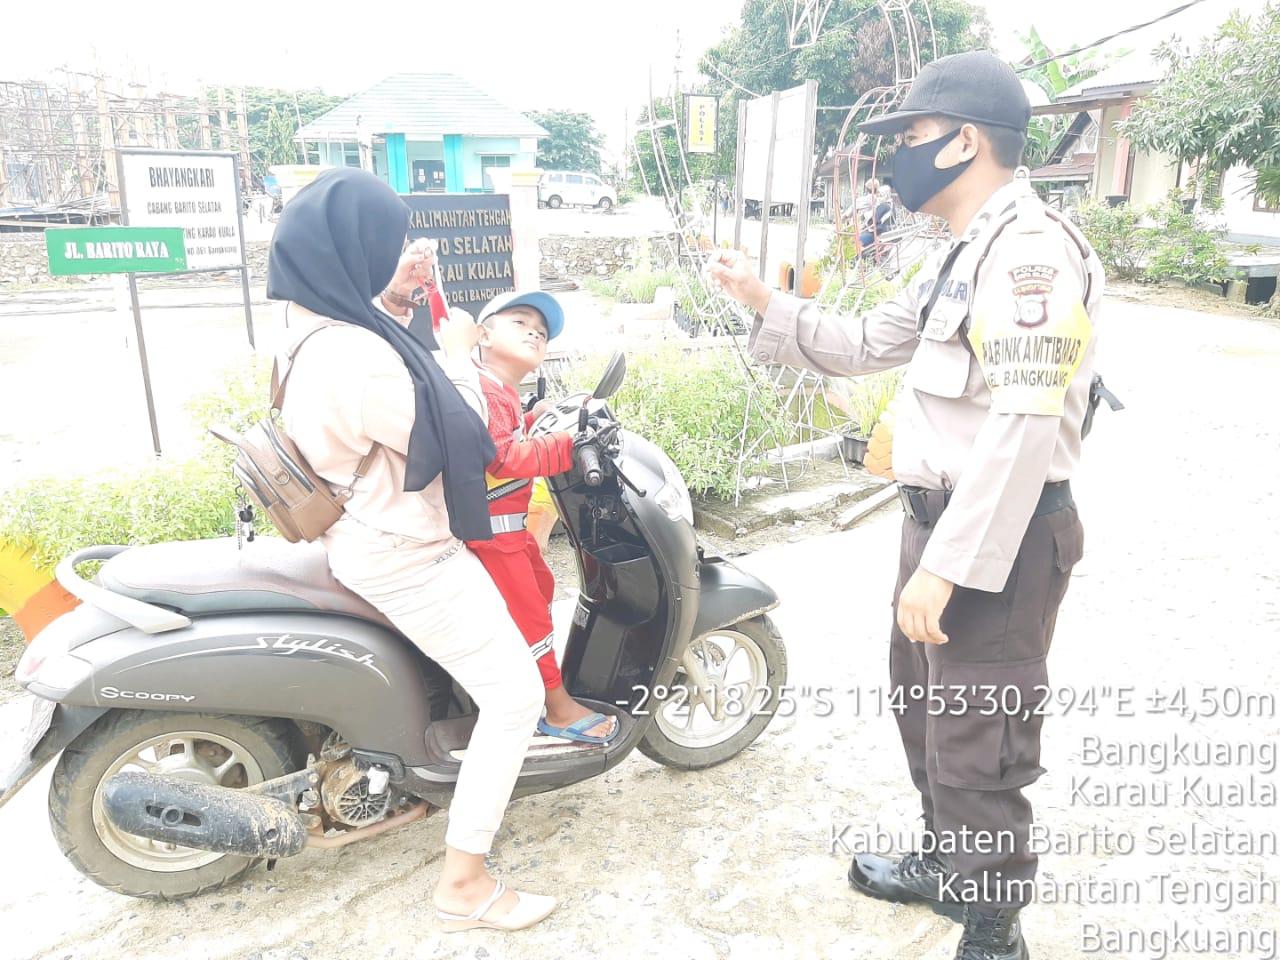 Bagikan Masker, Kapolsek Karau Kuala Harapkan Masyarakat Lebih Displin